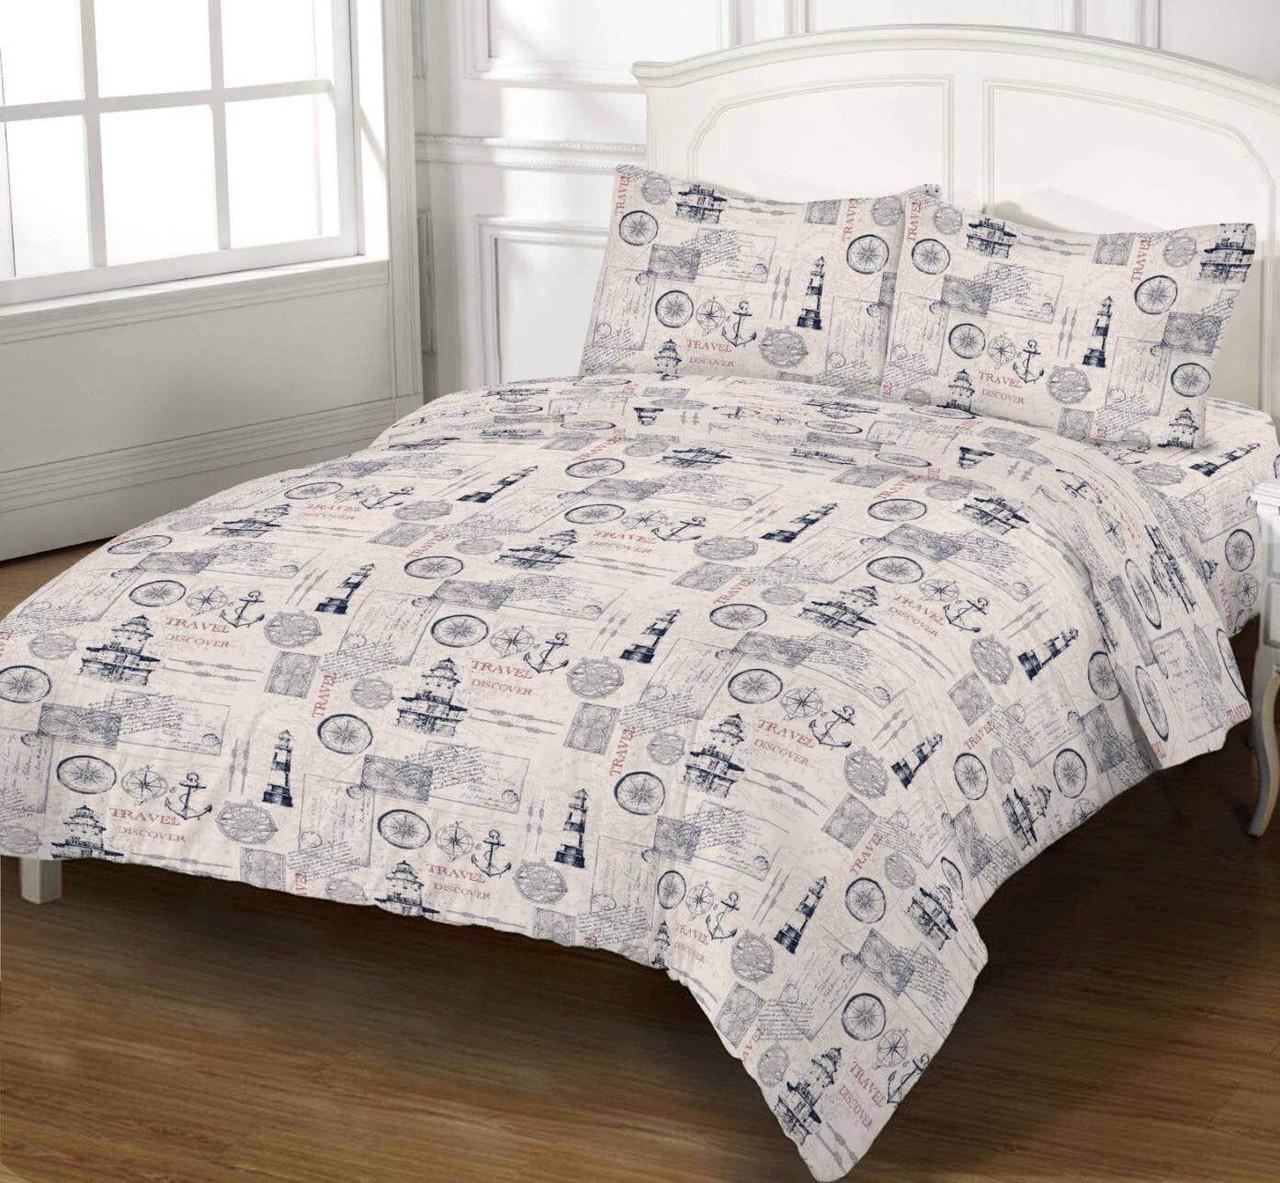 Комплект постельного белья DOTINEM Seni Бязь двуспальный 180х215 (8805-103)